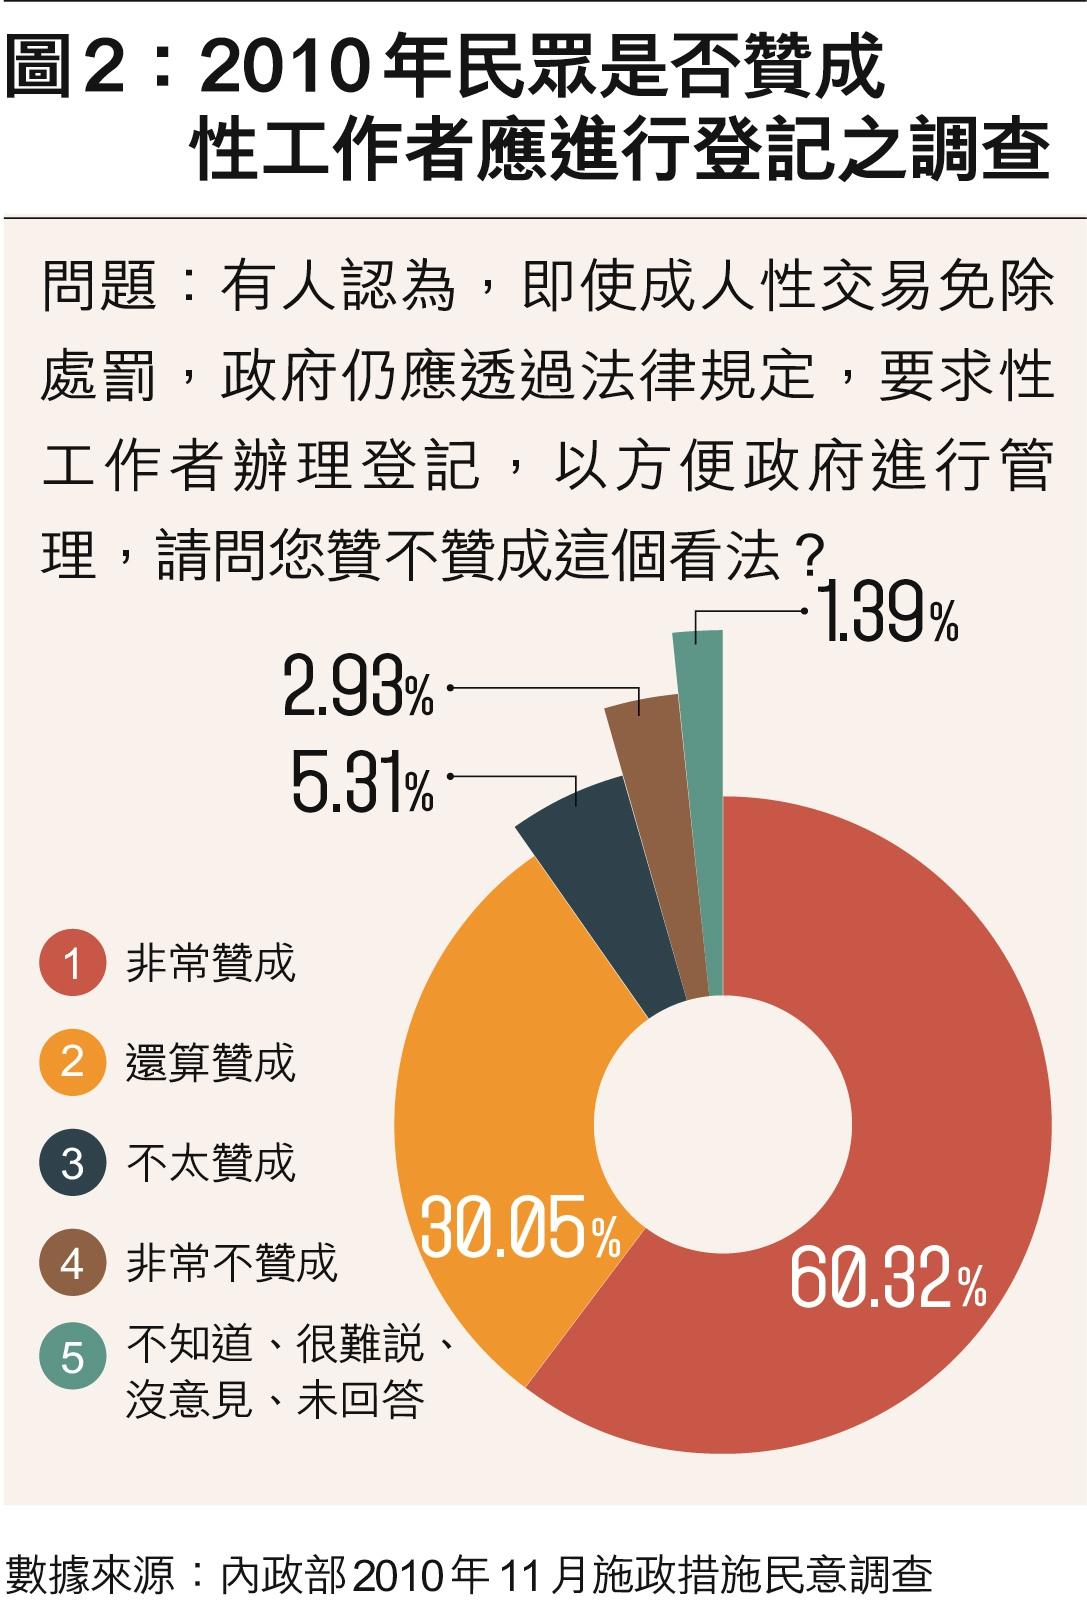 性專區:從業者的護身符或糖衣毒-多維cn期刊-多維新聞網